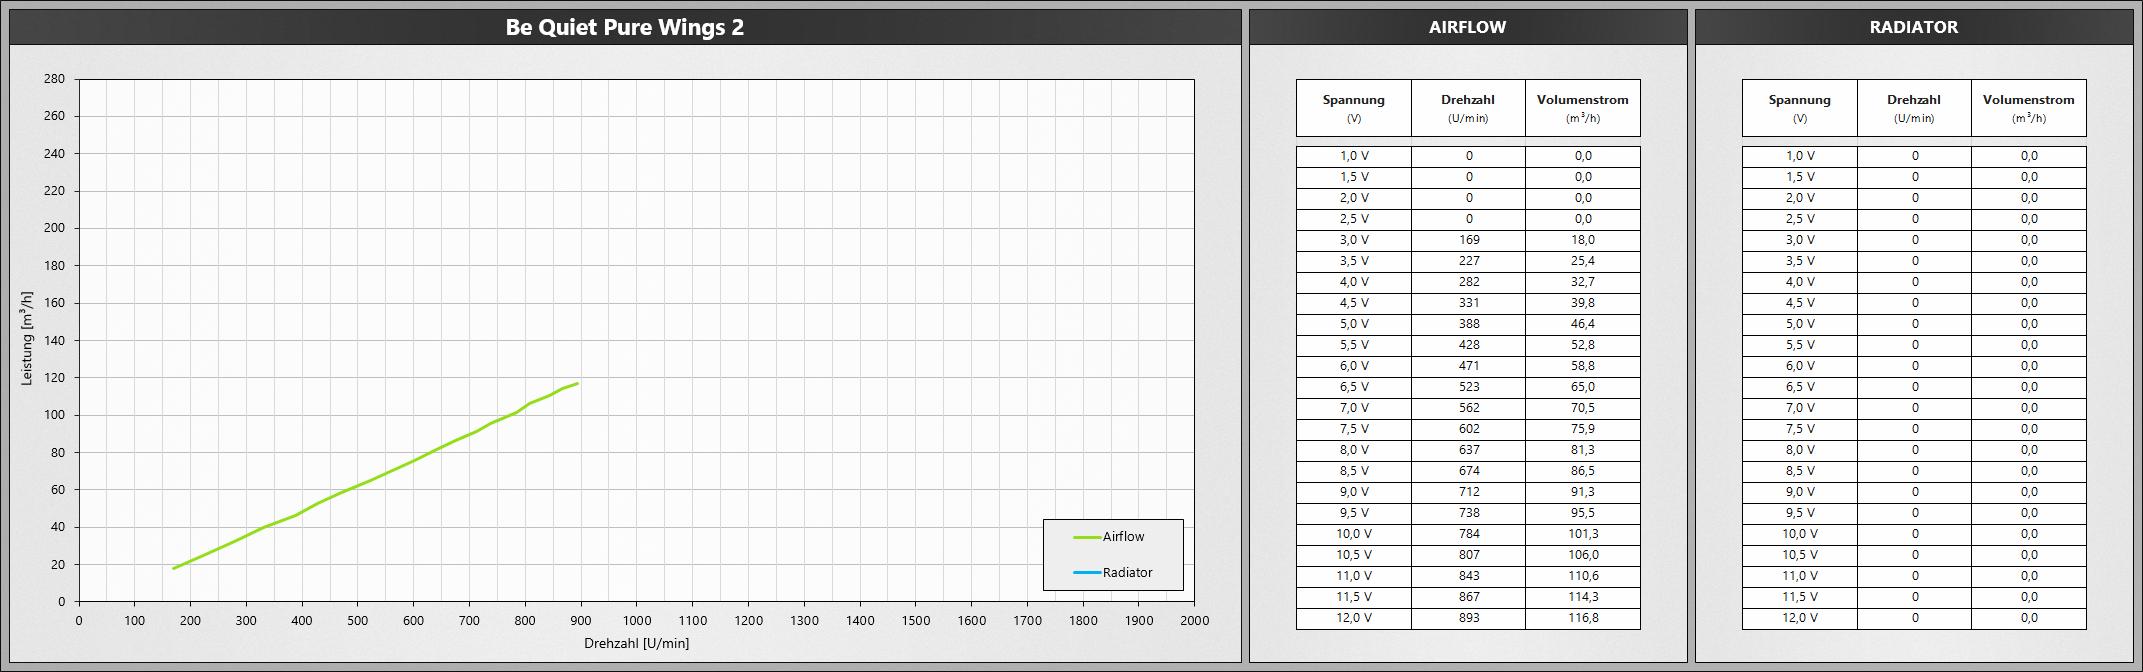 Klicken Sie auf die Grafik für eine größere Ansicht  Name:BQPW2.png Hits:664 Größe:466,4 KB ID:1074740